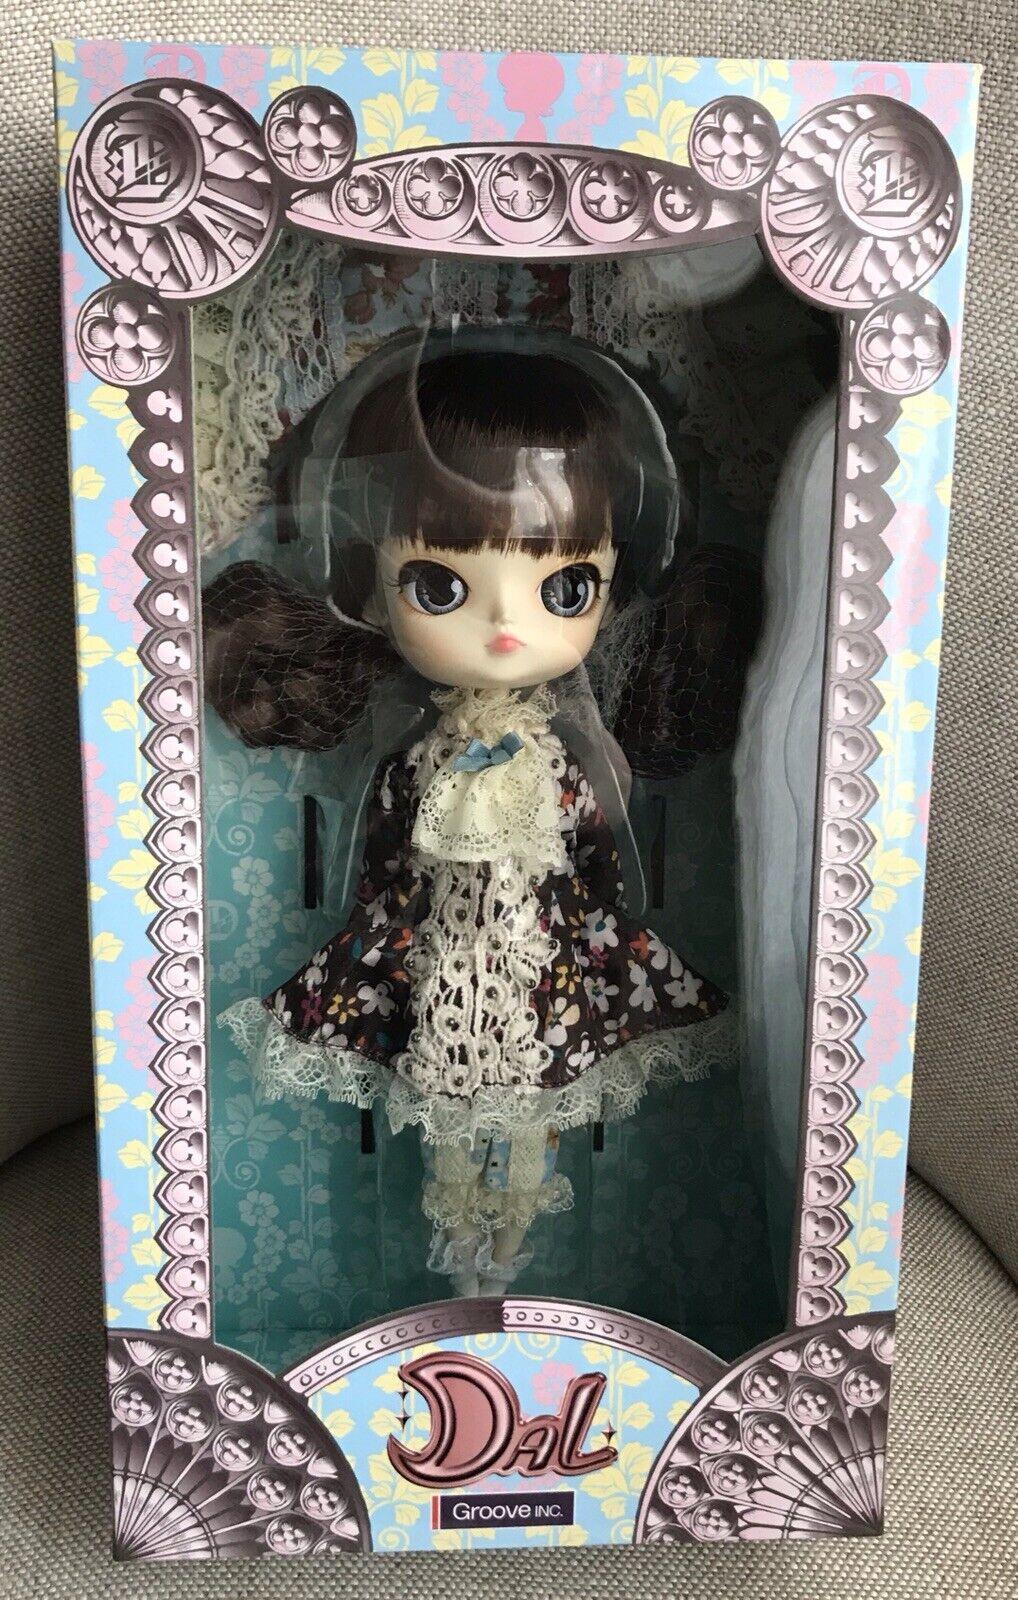 Nuevo Y En Caja, planificación de Jun, Pullip, Groove Inc, D-113 Satti muñeca, hermosa ropa